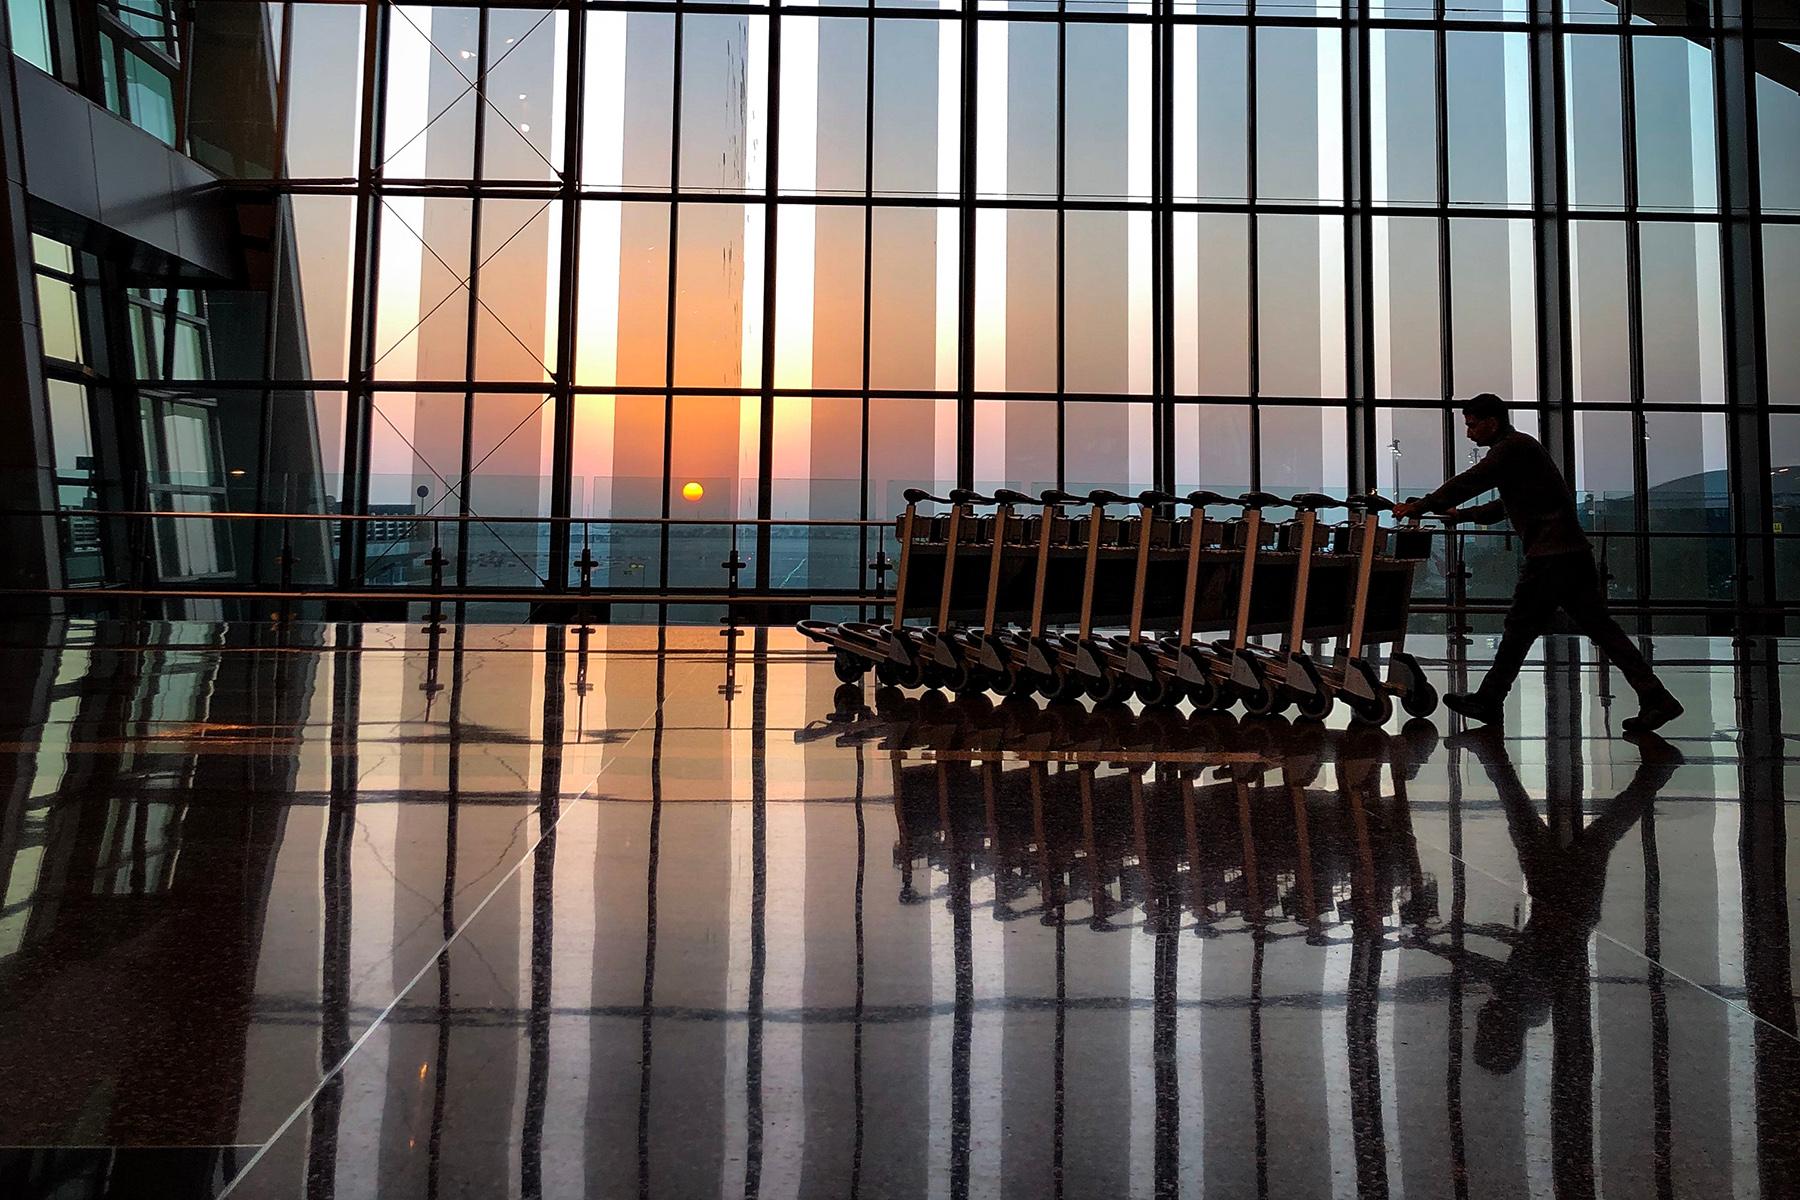 Luggage carts at Doha Airport